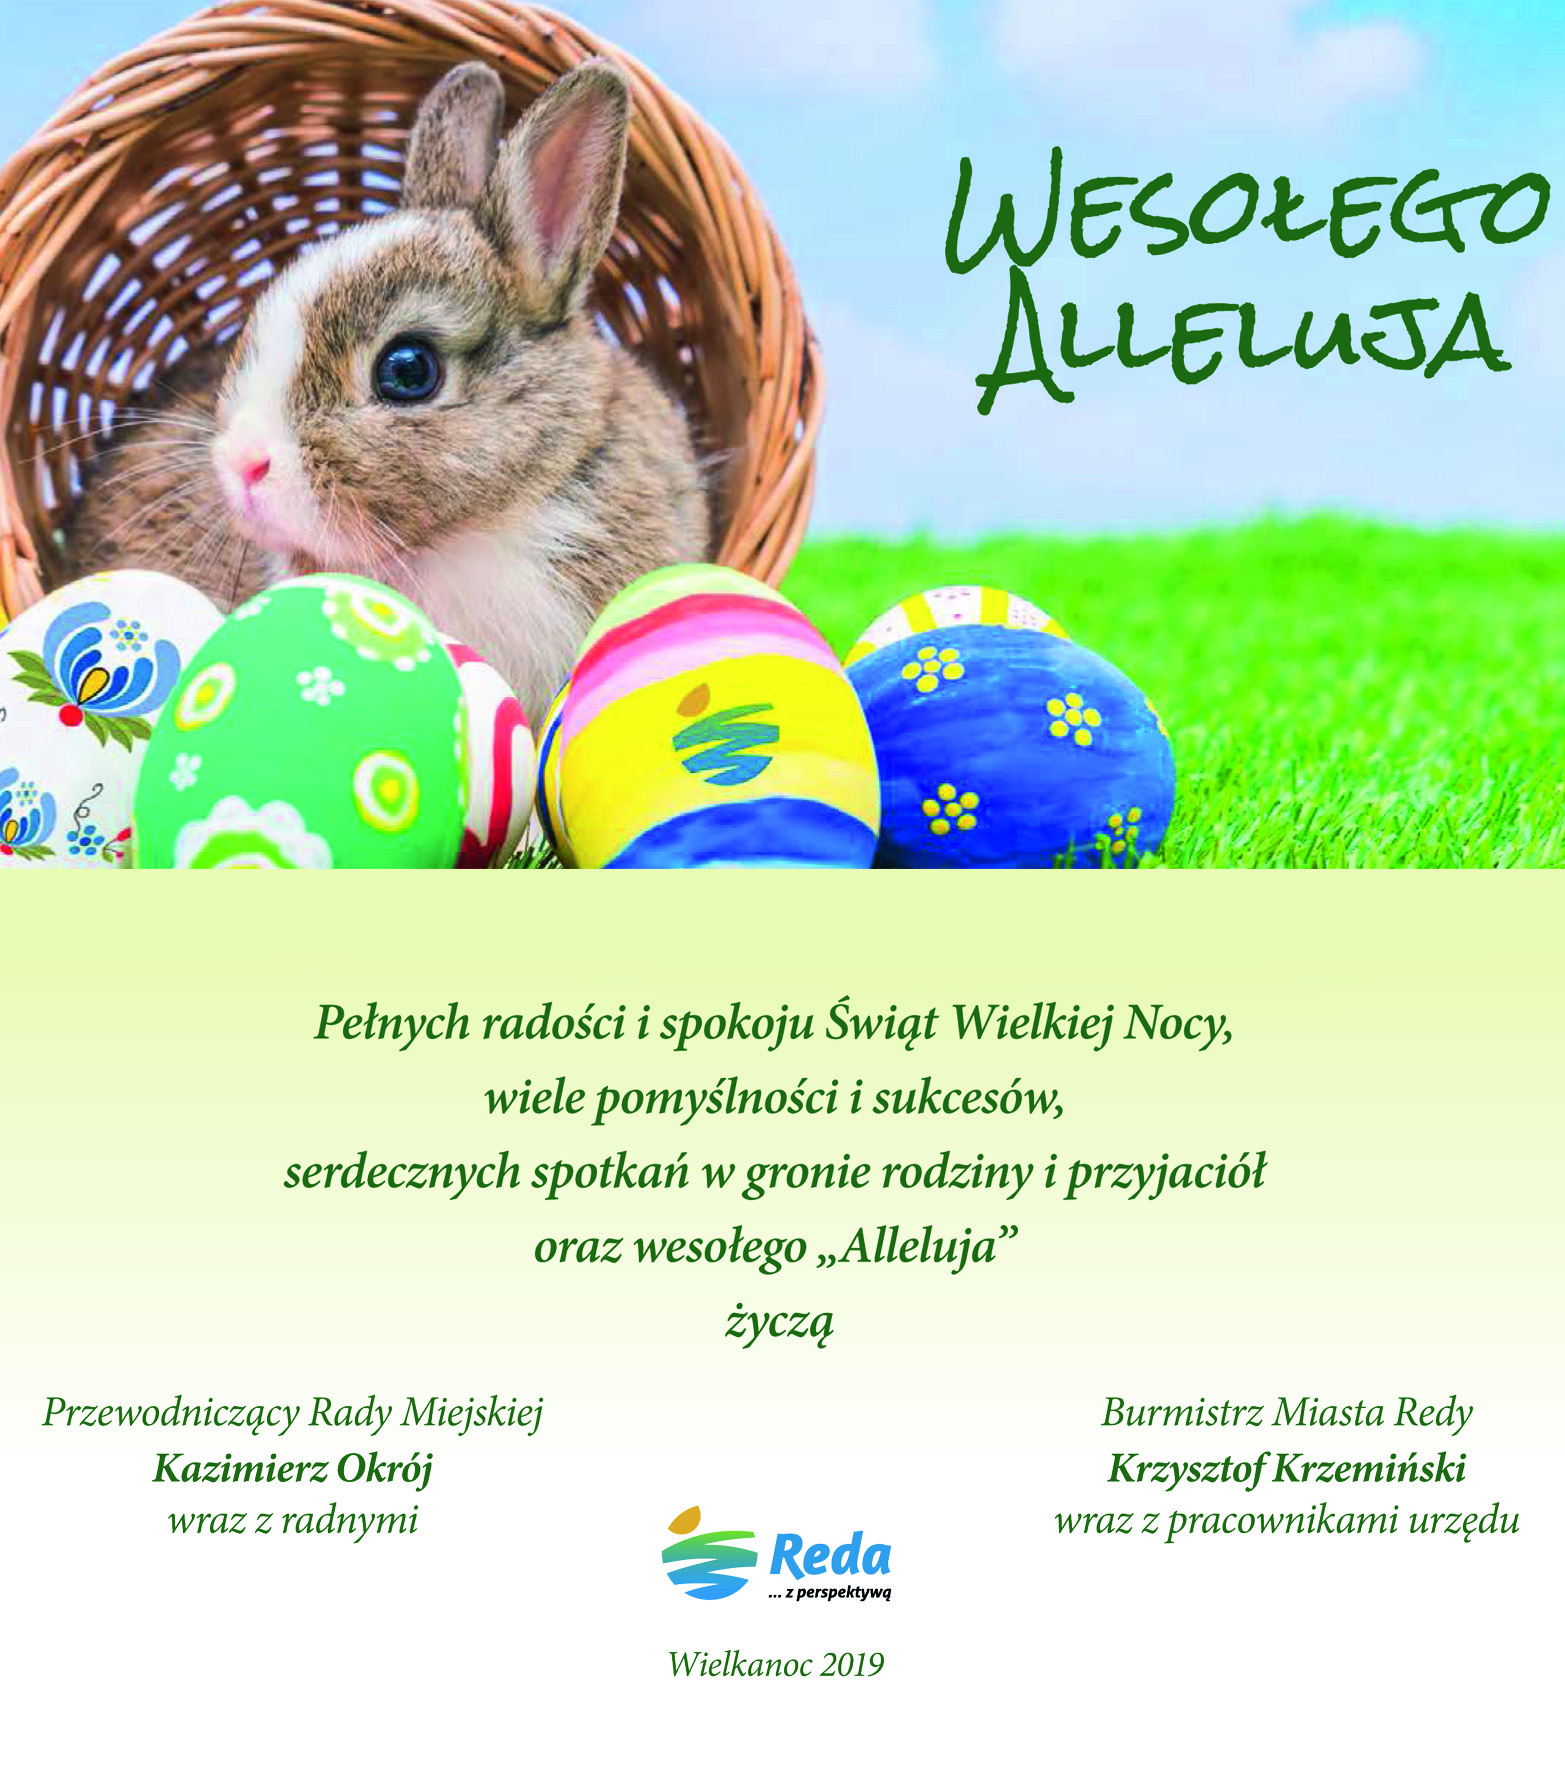 Życzenia Wielkanocne!